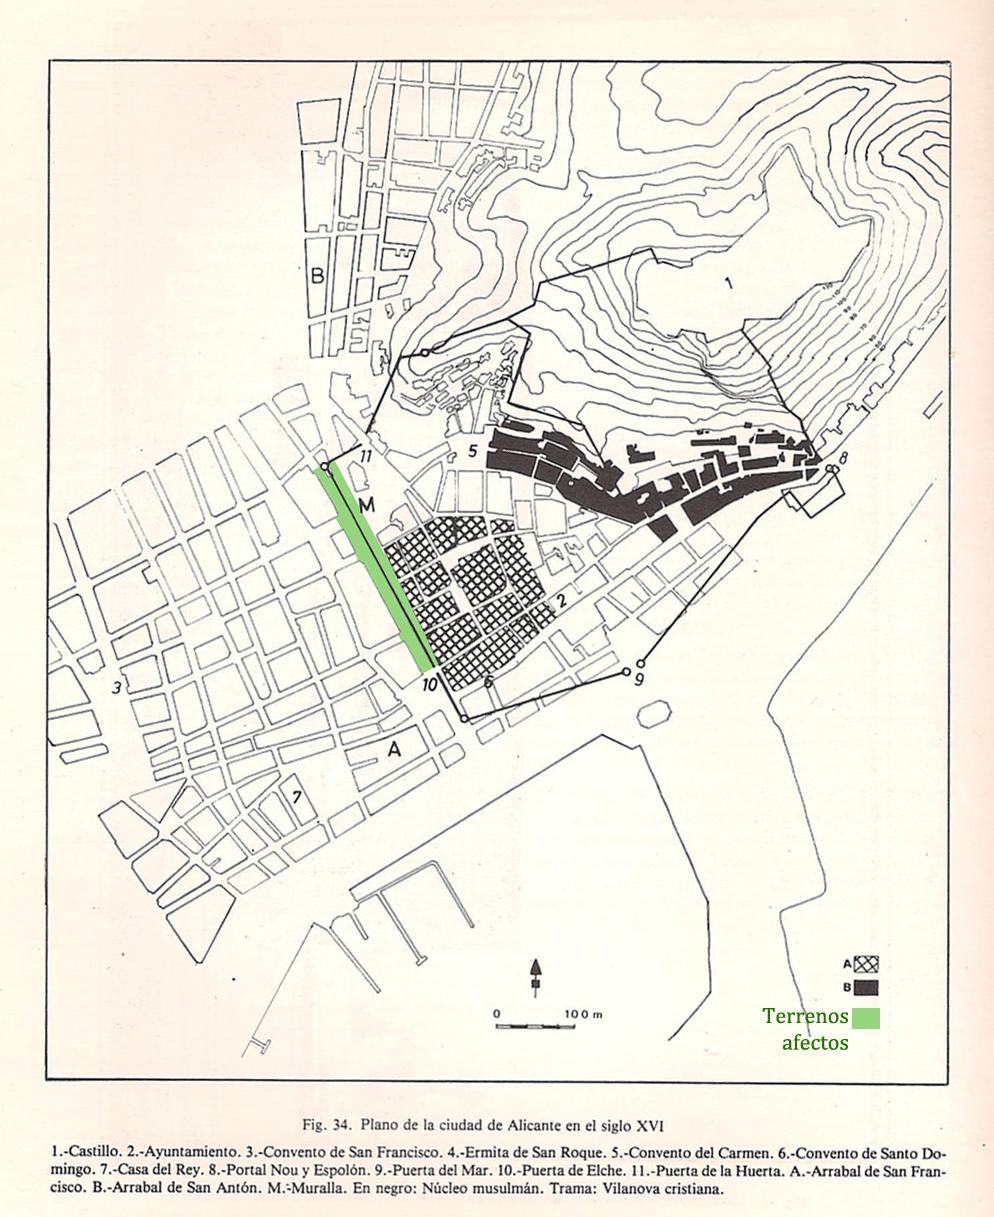 RAMOS HIDALGO, ANTONIO. Evolución urbana de Alicante. Instituto de Estudios Gil Albert. 1984. Pág. 90.